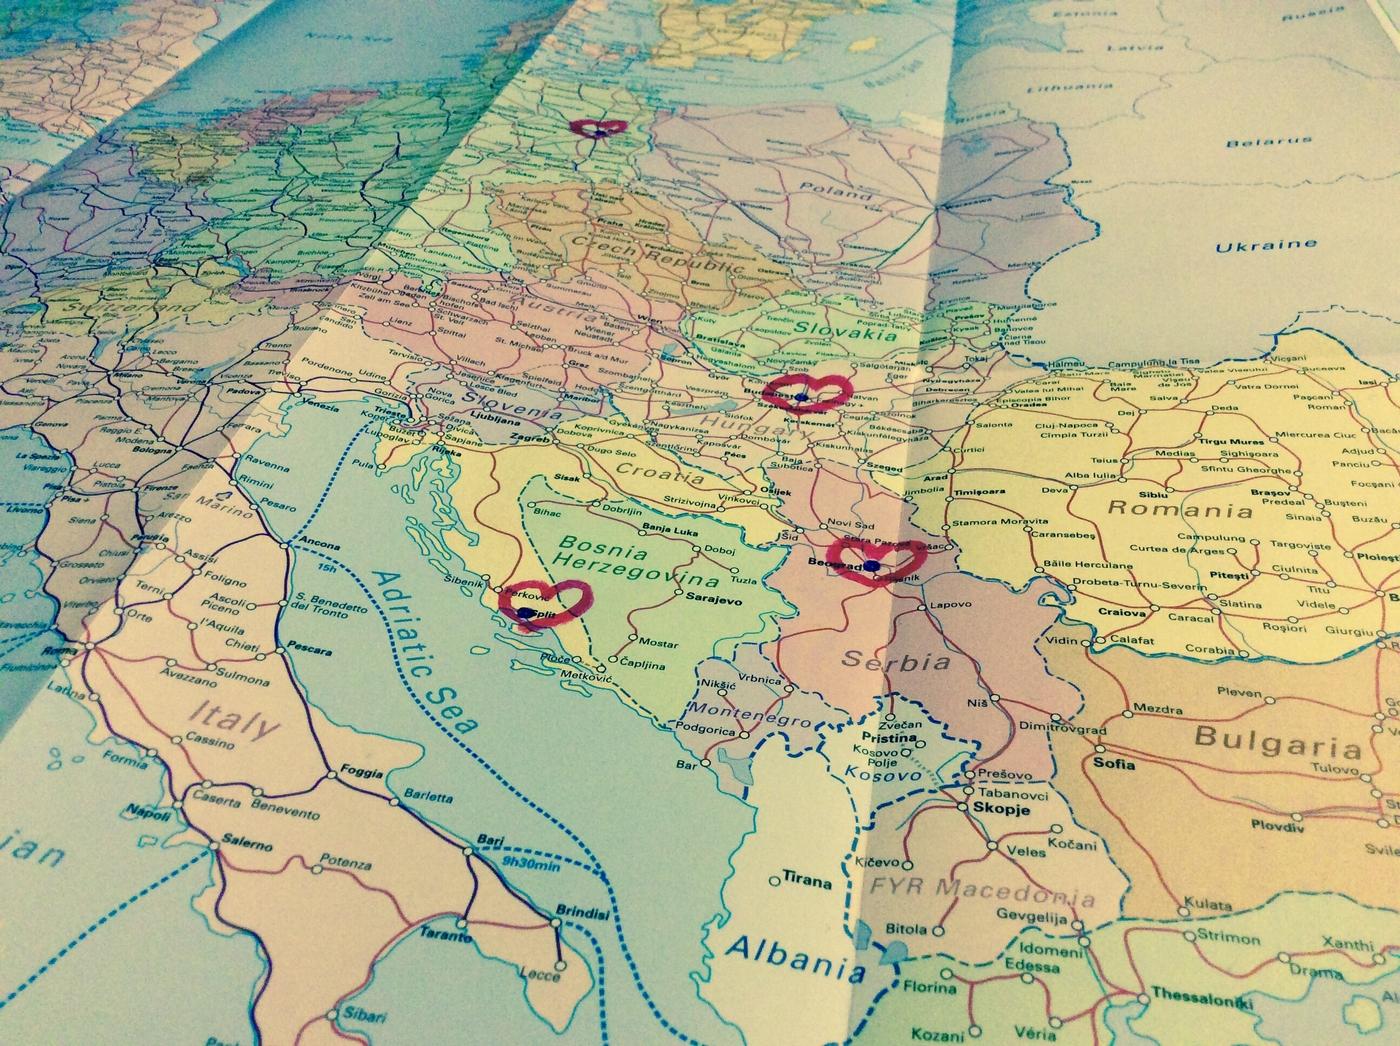 Praha vai Pariisi, Ljubljana vai Lyon – eli reittivalinnan jalo taito